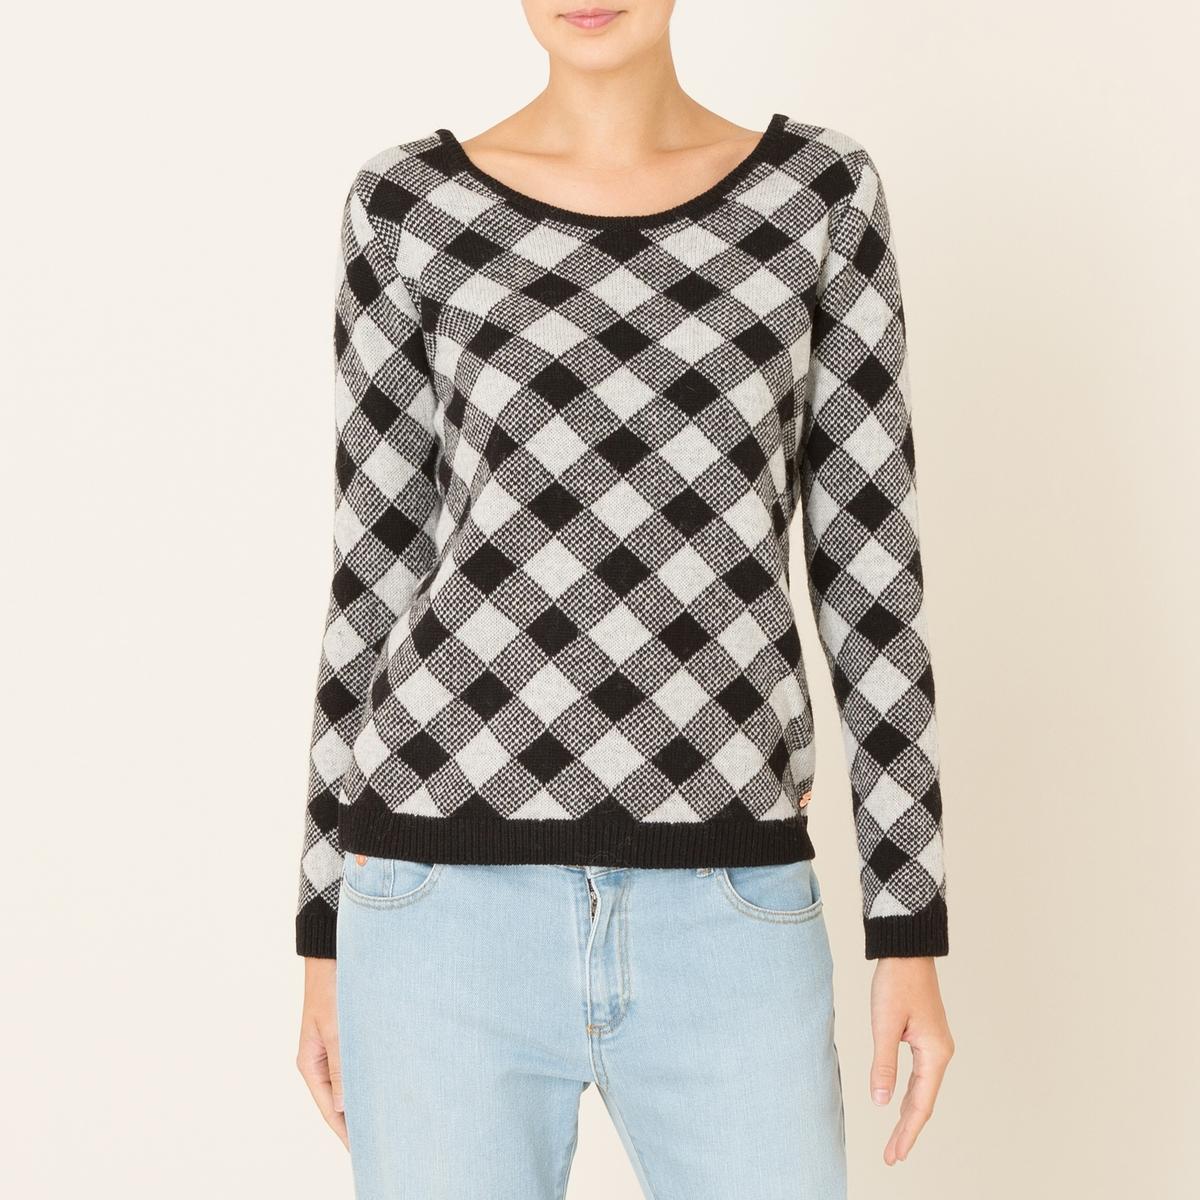 Пуловер TEBALDIПуловер HARRIS WILSON - модель TEBALDI. Двухцветный пуловер с рисунком в виде ромбов. Свободный круглый вырез, однотонные манжеты и низ. Состав и описание Материал : 100% овечья шерсть lambswoolМарка : HARRIS WILSON<br><br>Цвет: черный/ белый